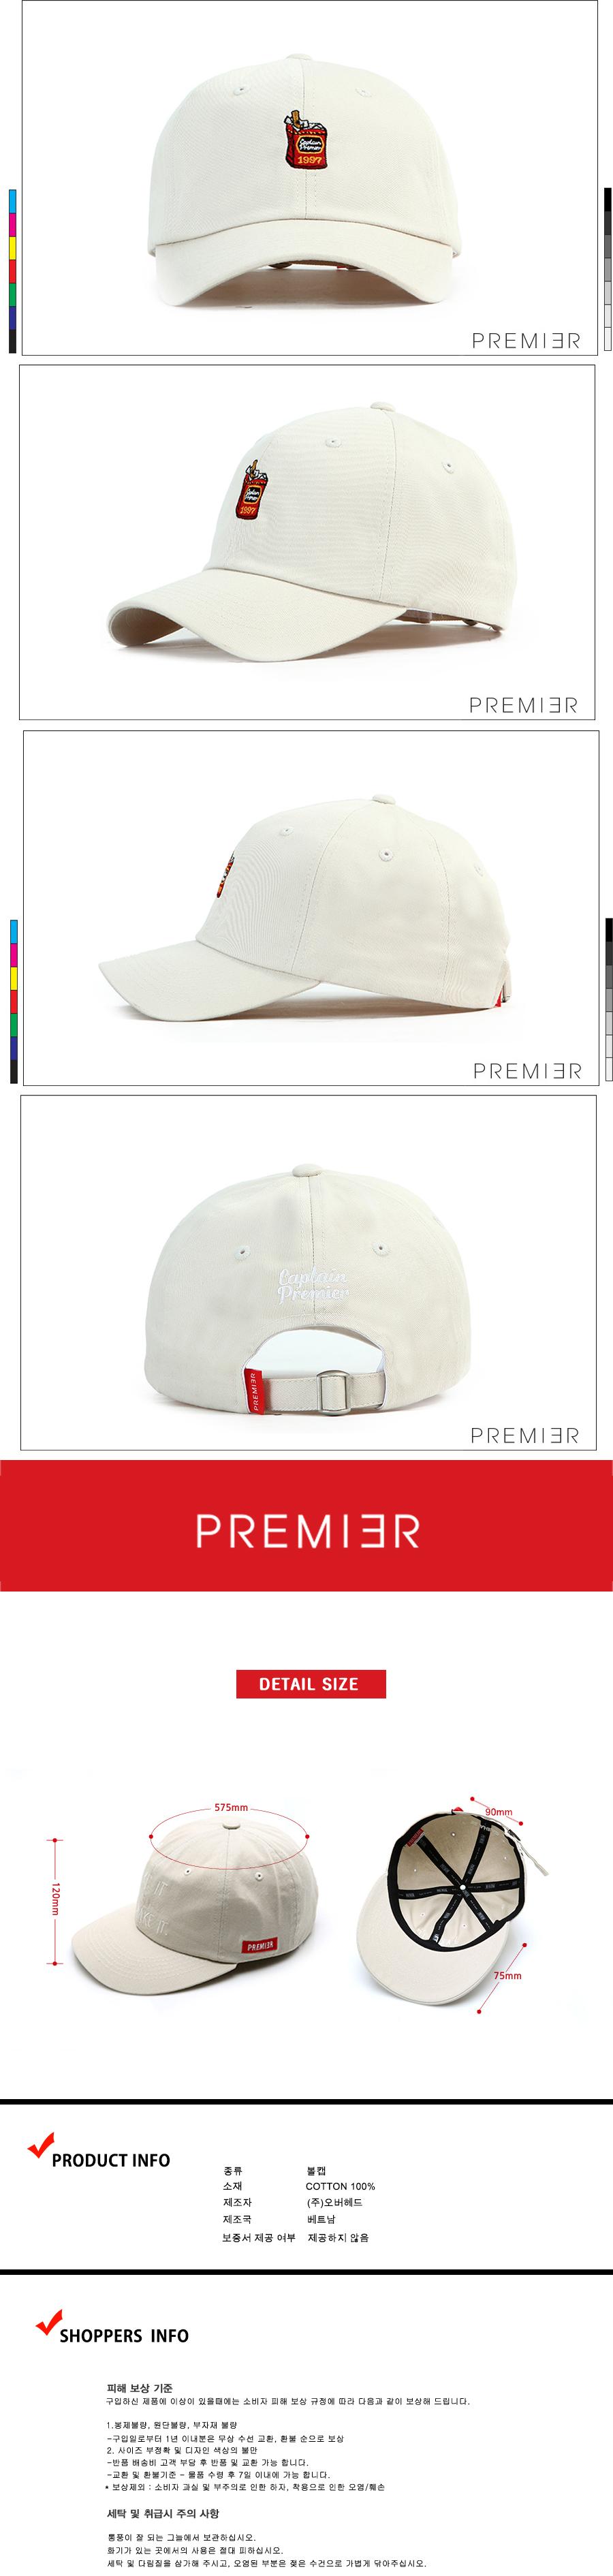 [ PREMIER ] [Premier] Ball Cap Cigarette Beige (P931)